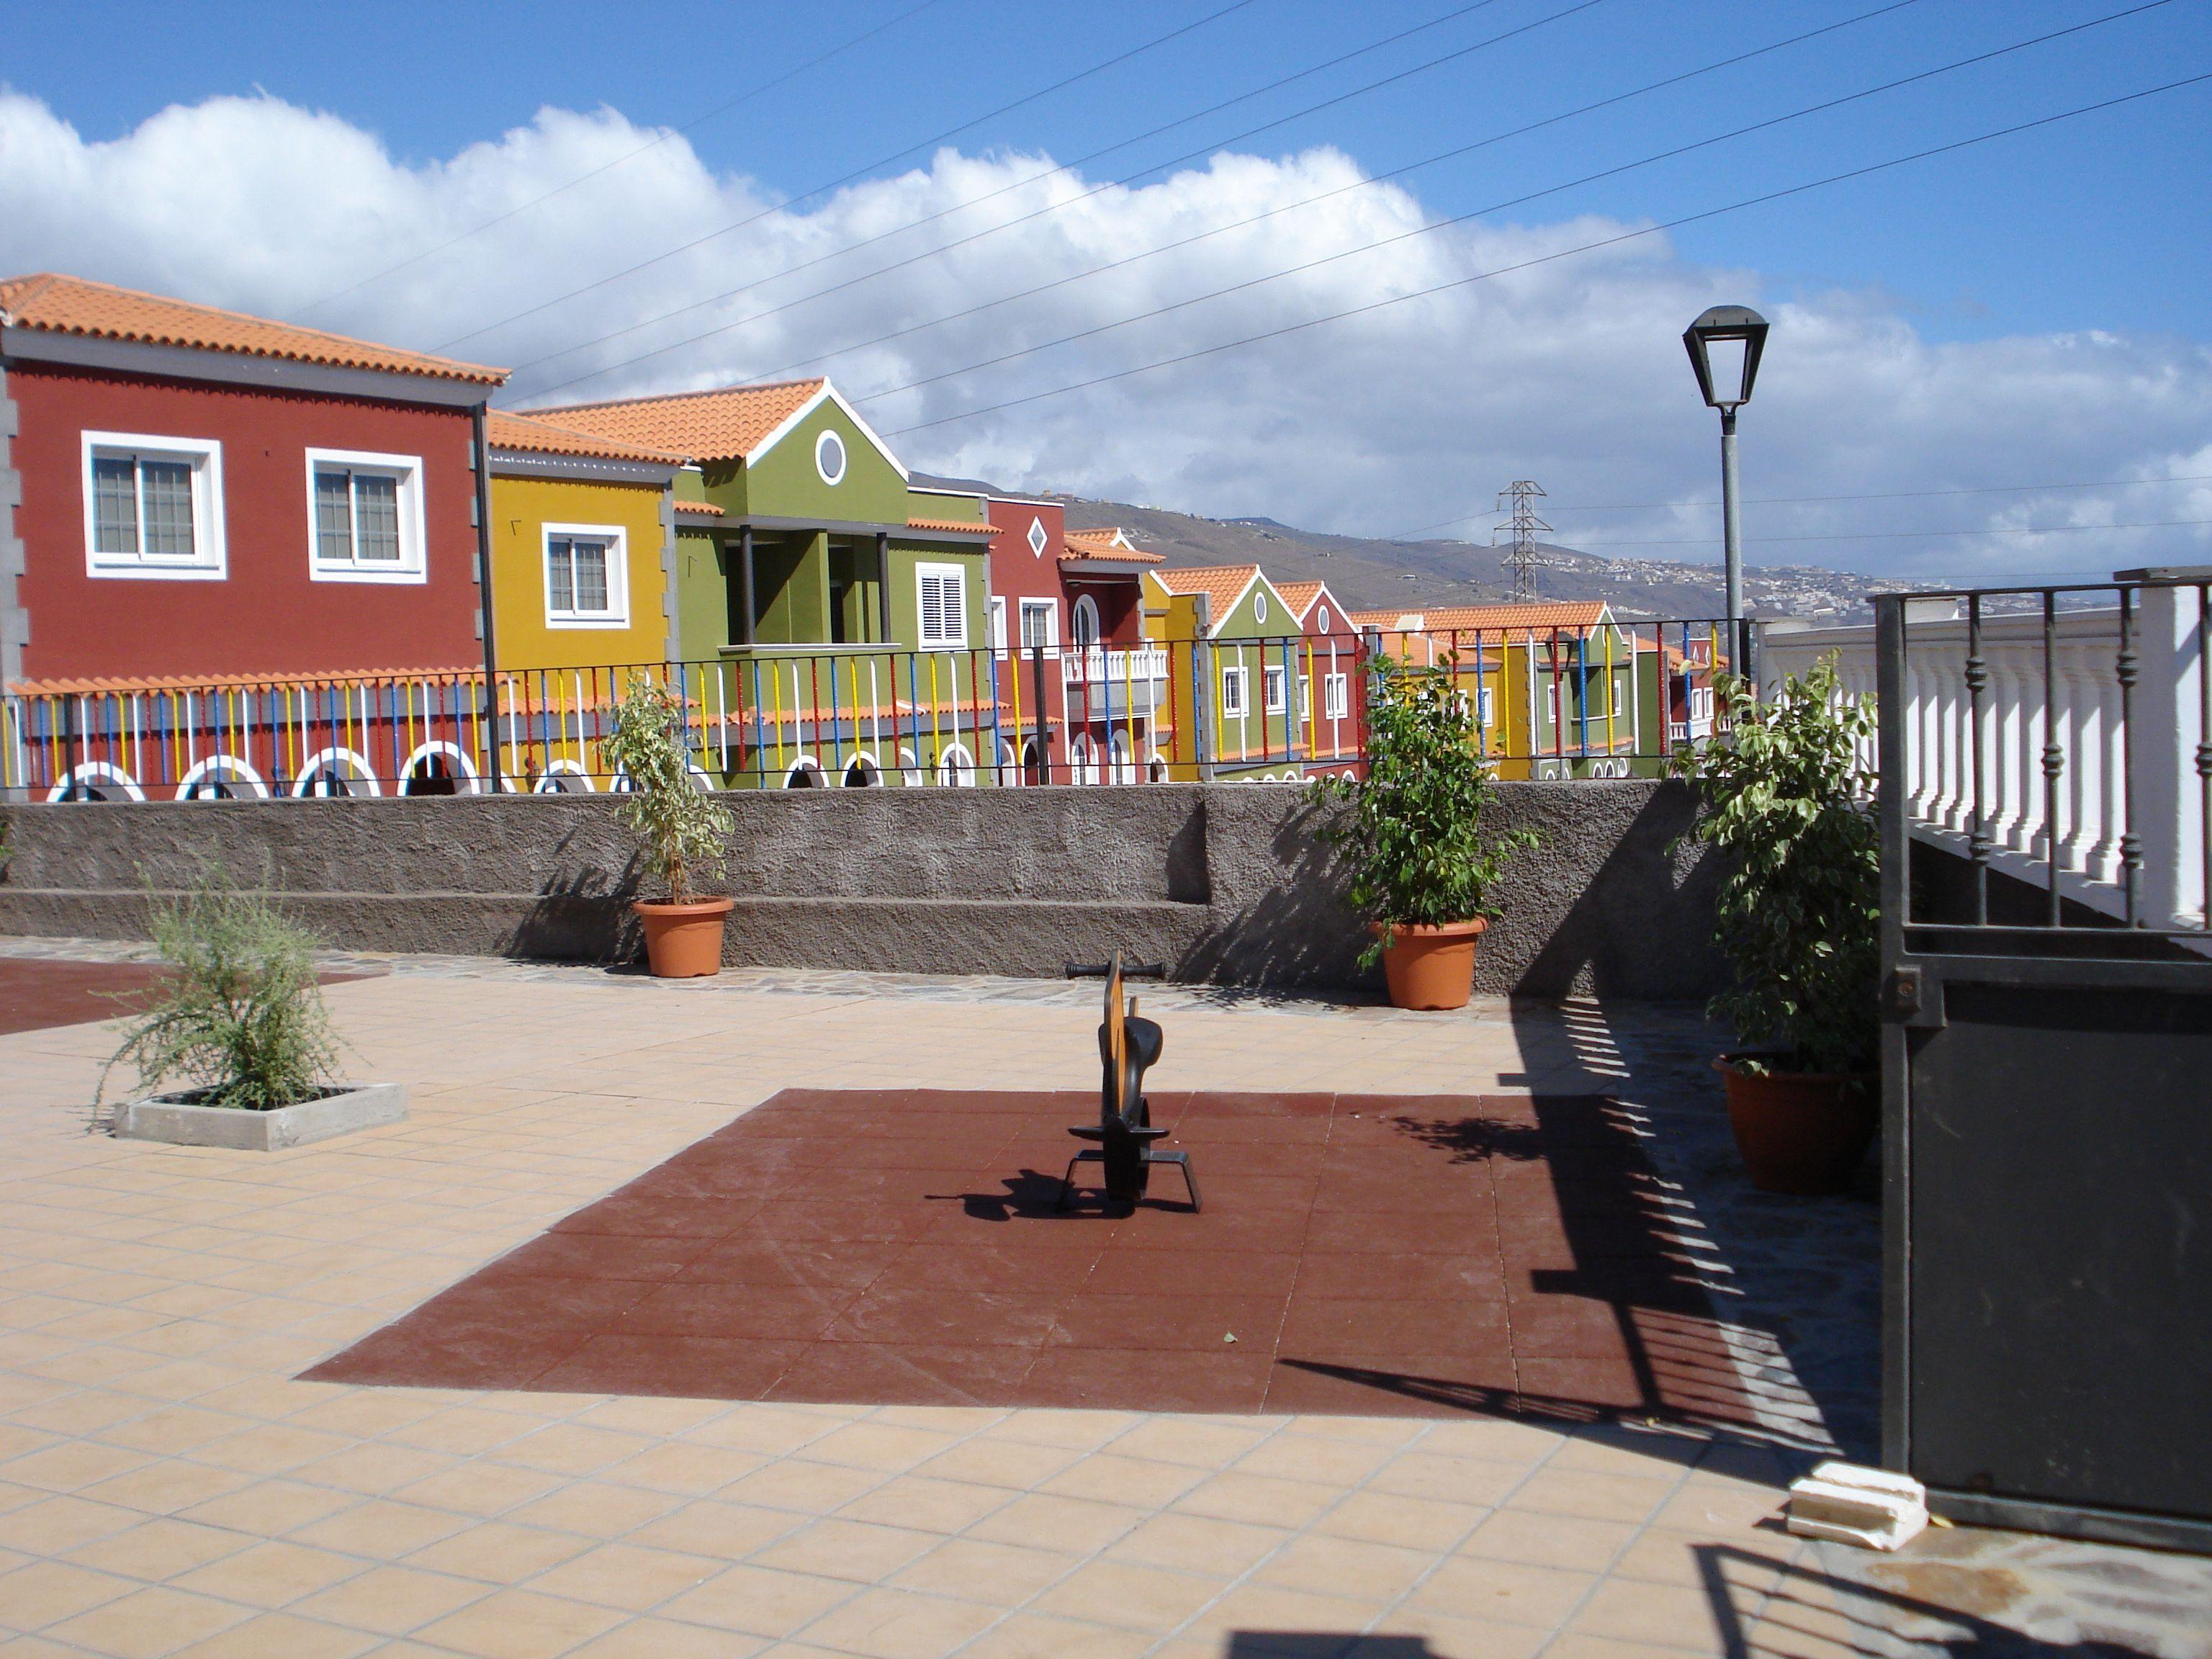 Construcciones de casas y zonas exteriores